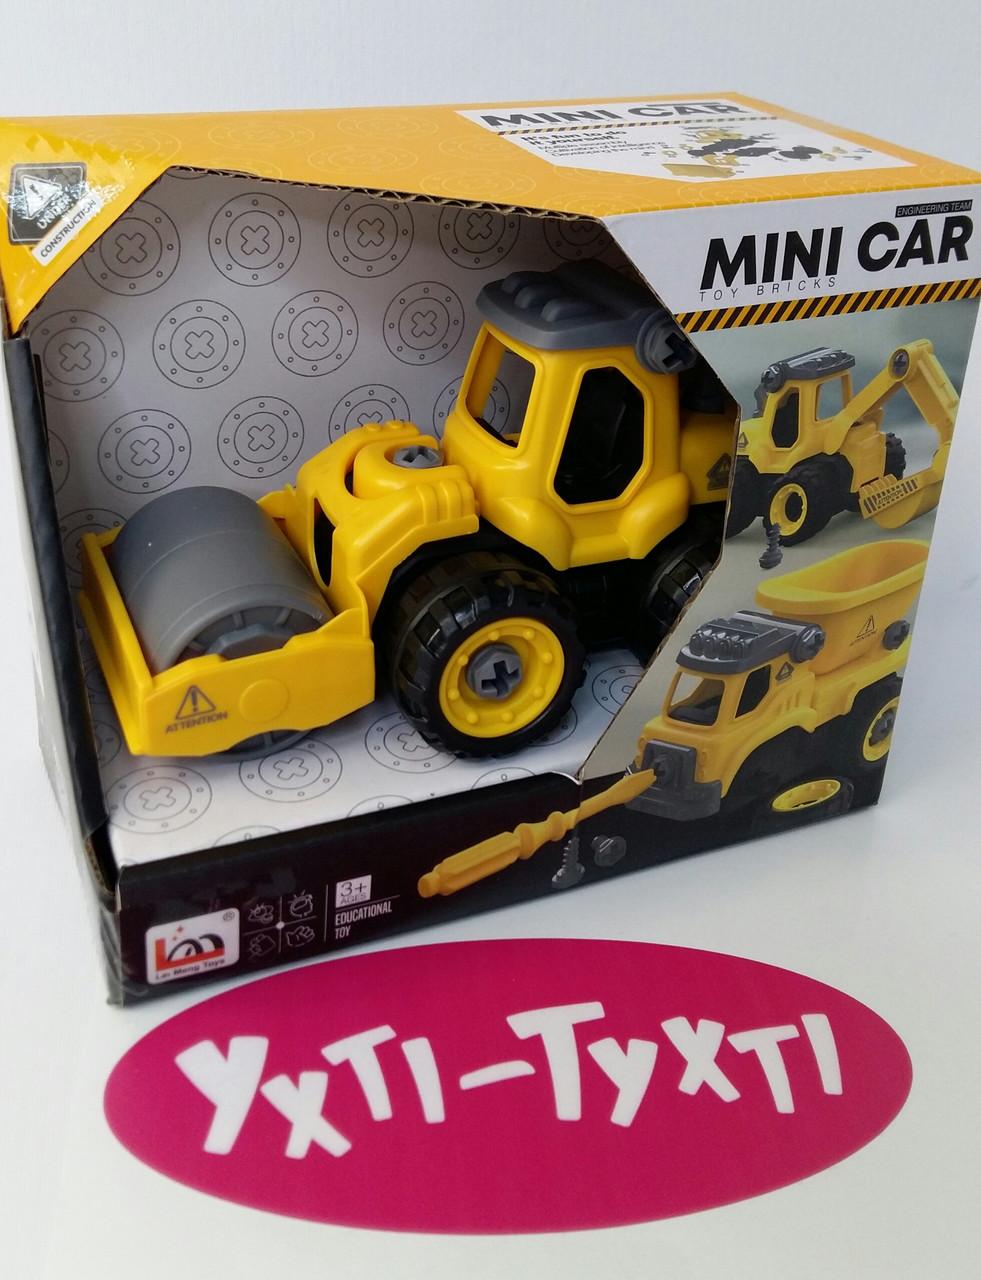 Спецтехника-конструктор, Mini Car, укладчик асфальта LM 9012